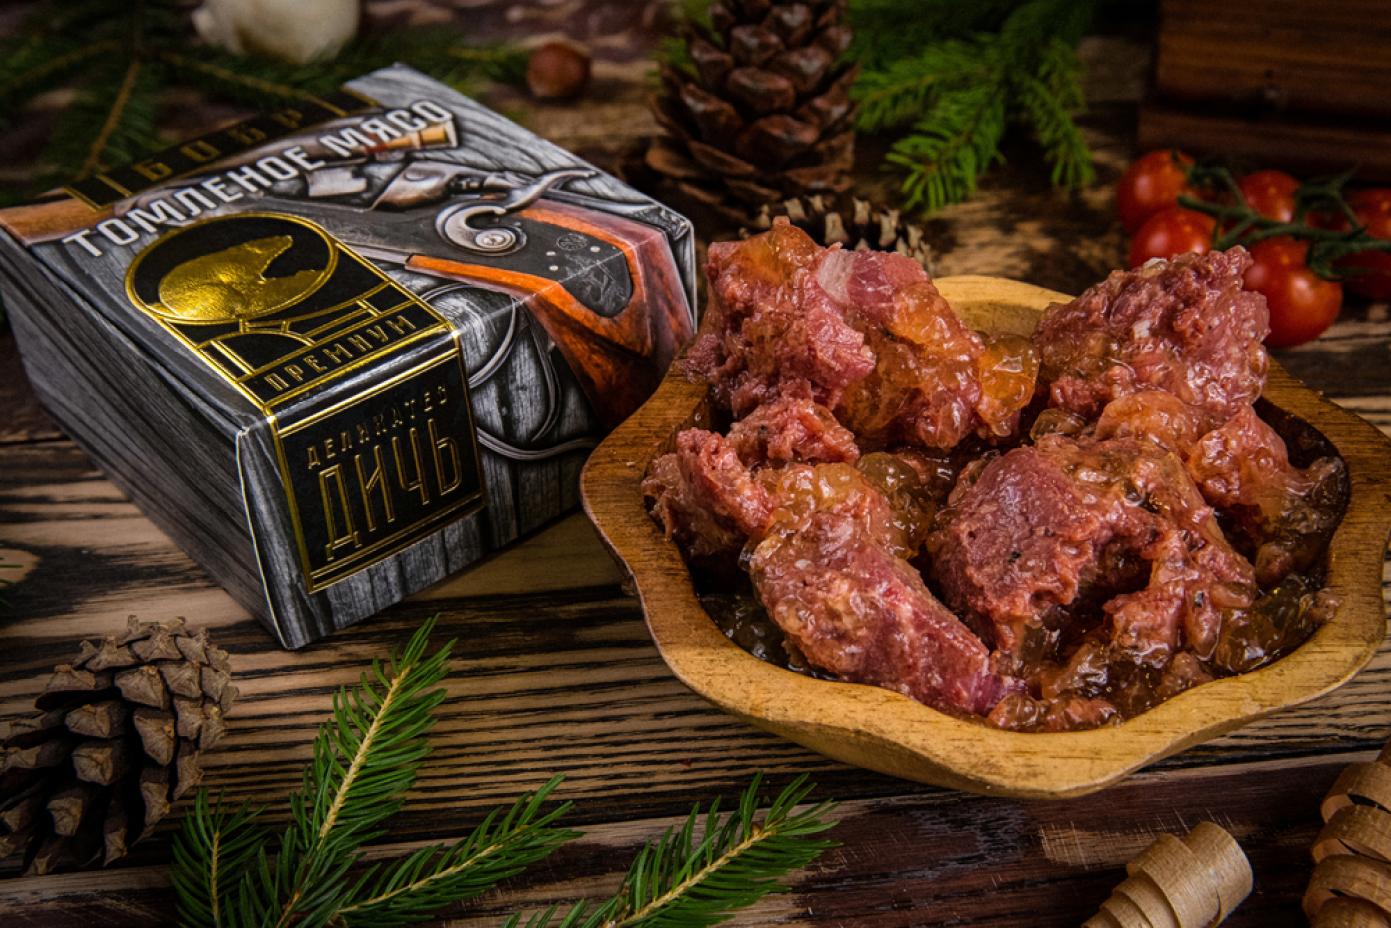 Томленое мясо Бобра в подарочной упаковке премиум